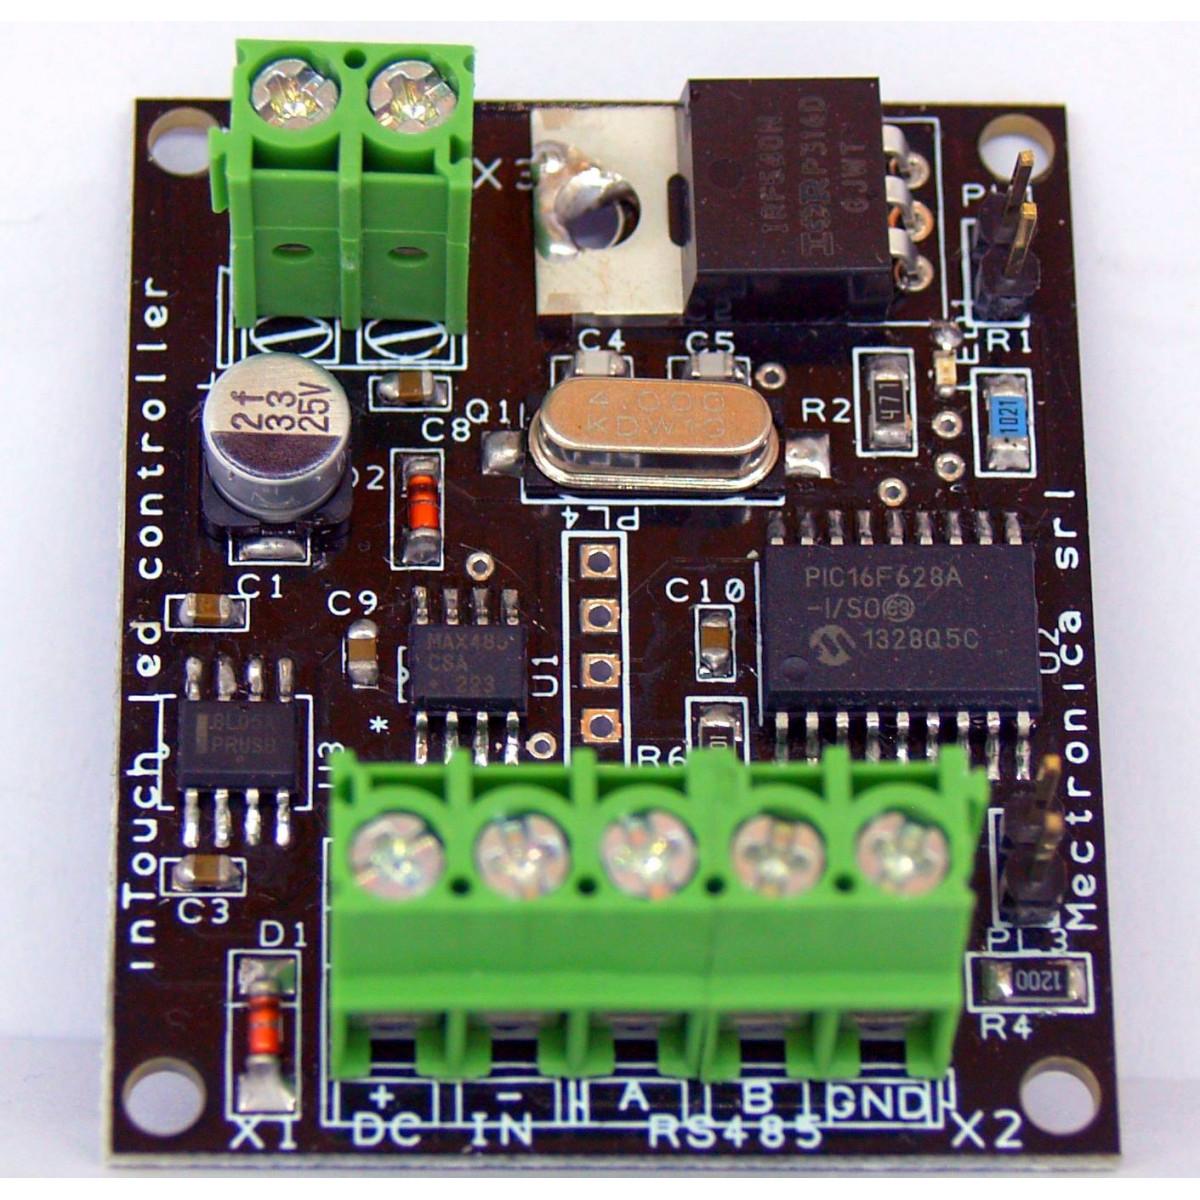 MB-bus-LED-controller-controllore-luci-LED-e-potenza-PWM-su-BUS-RS485